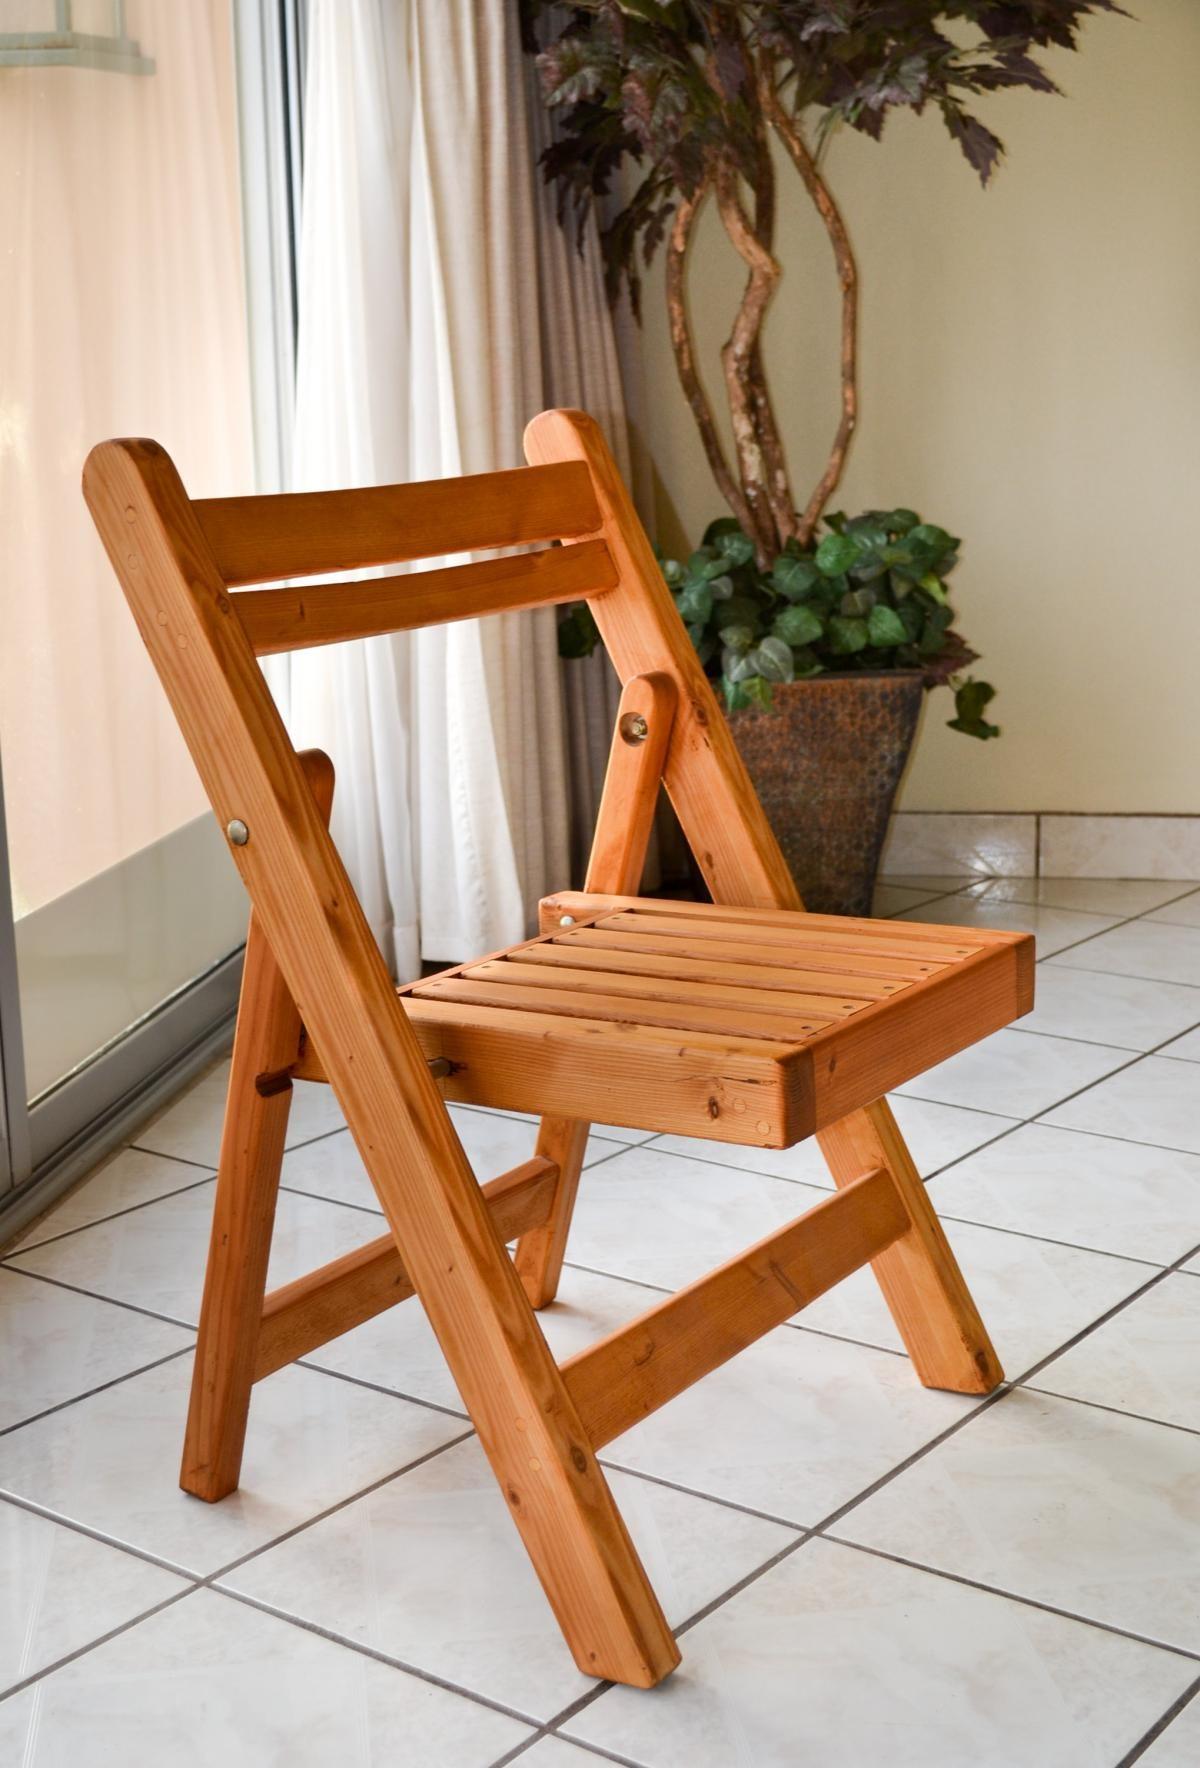 FOLDING CUSHION CHAIR Chair Pads Cushions